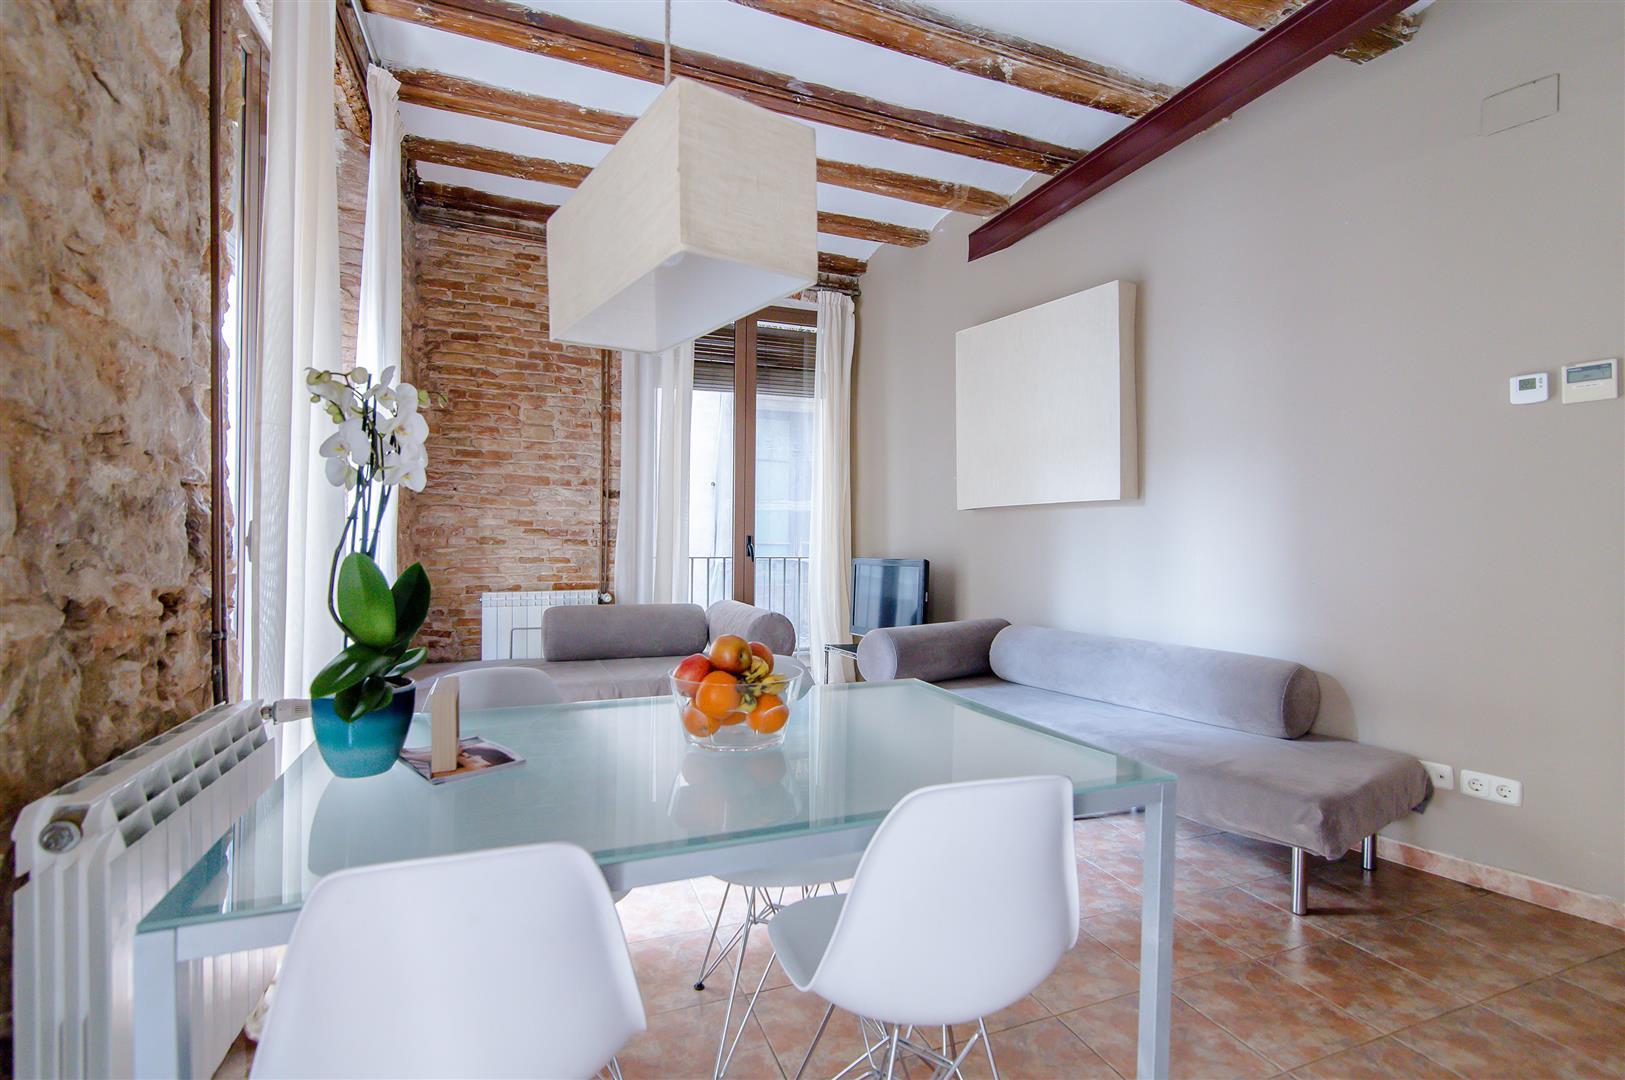 Apartmetns Decimononico sitting room